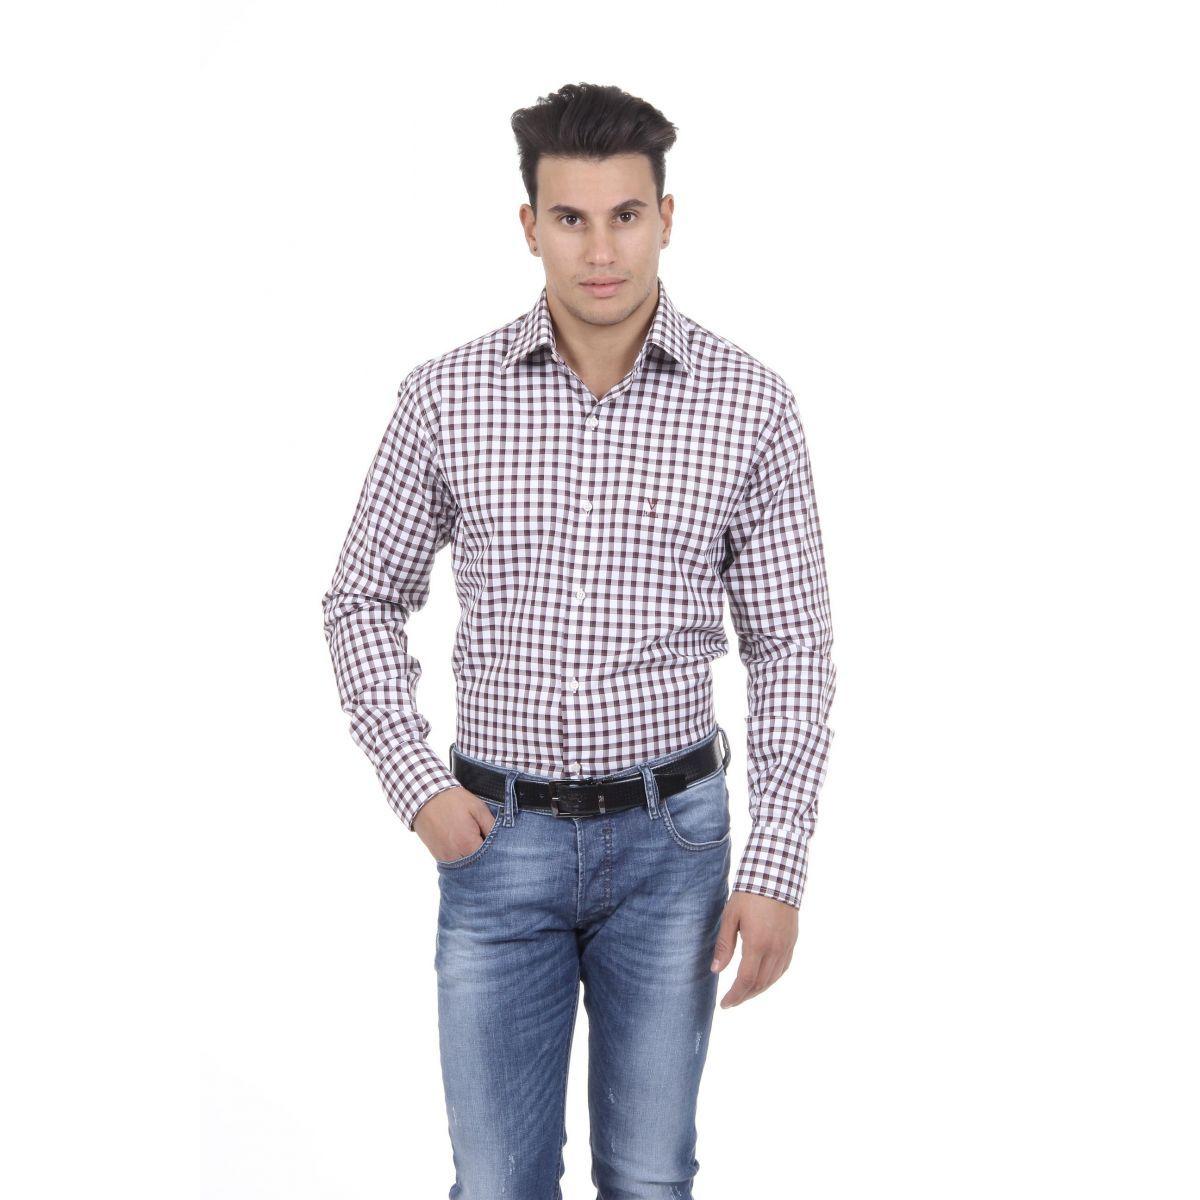 Versace 19.69 Abbigliamento Sportivo Srl Milano Italia Mens Fit Modern Classic Shirt 377 VAR. 208